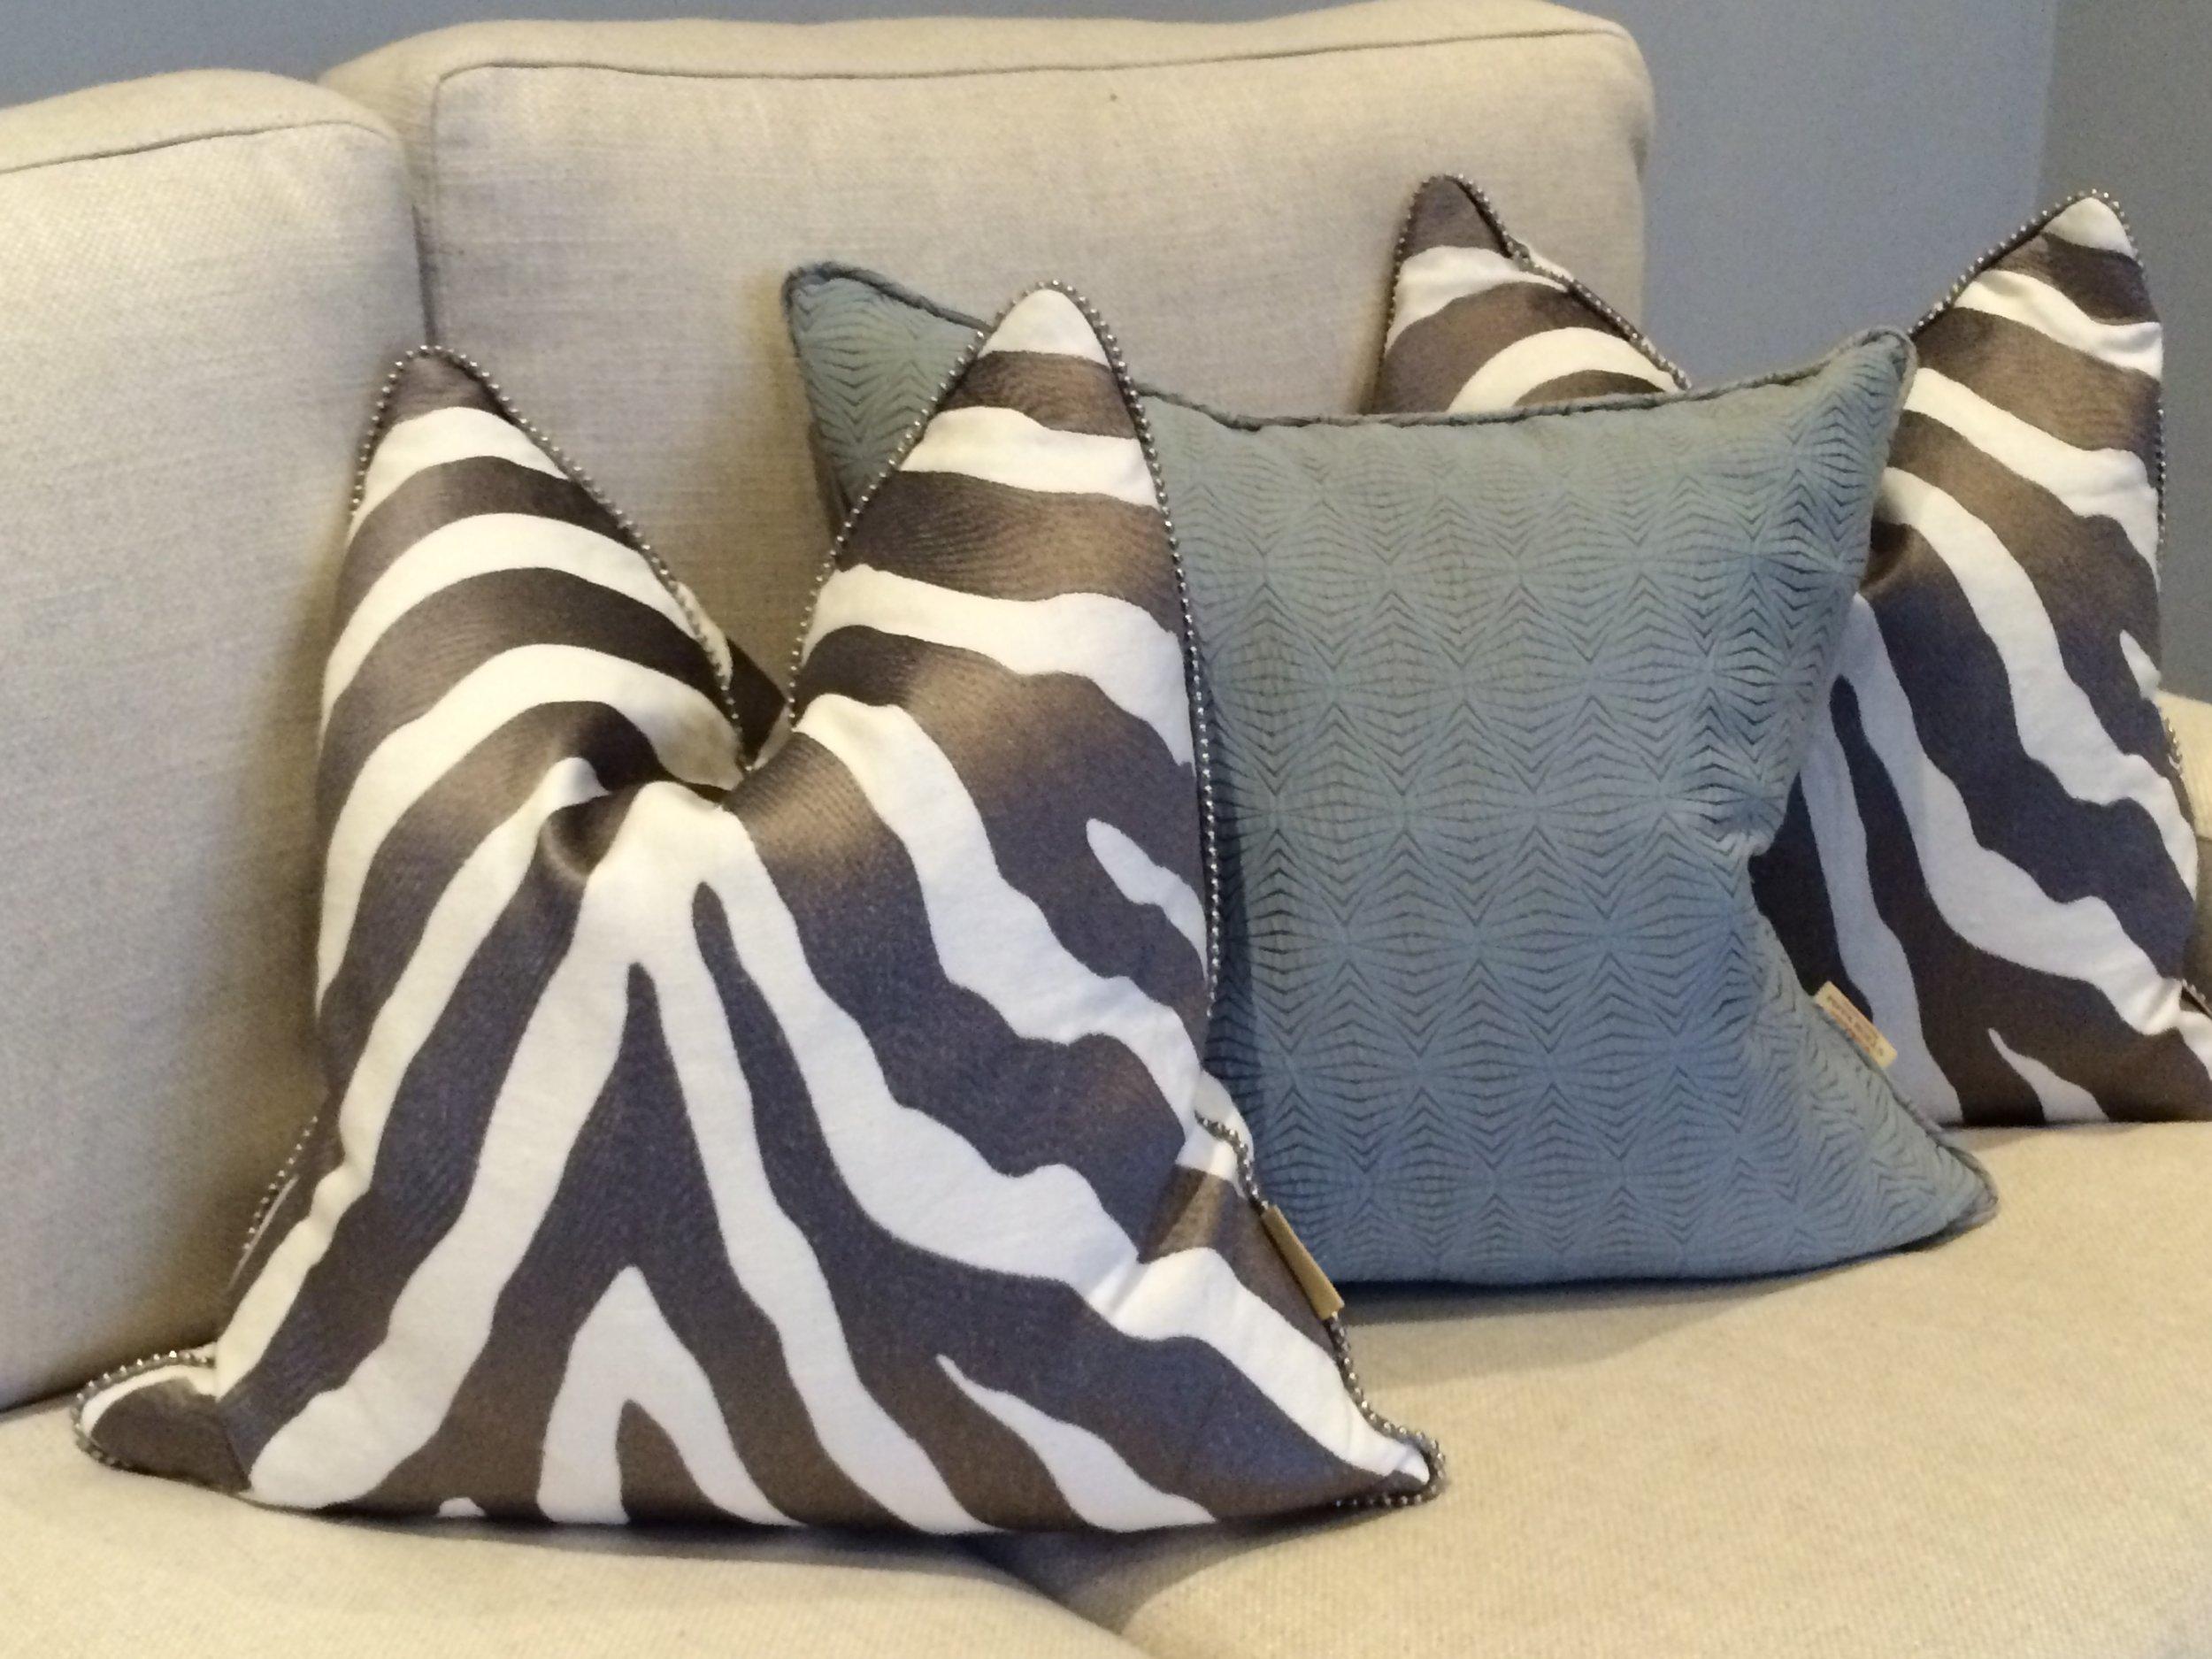 Sofa cushions 2.jpg